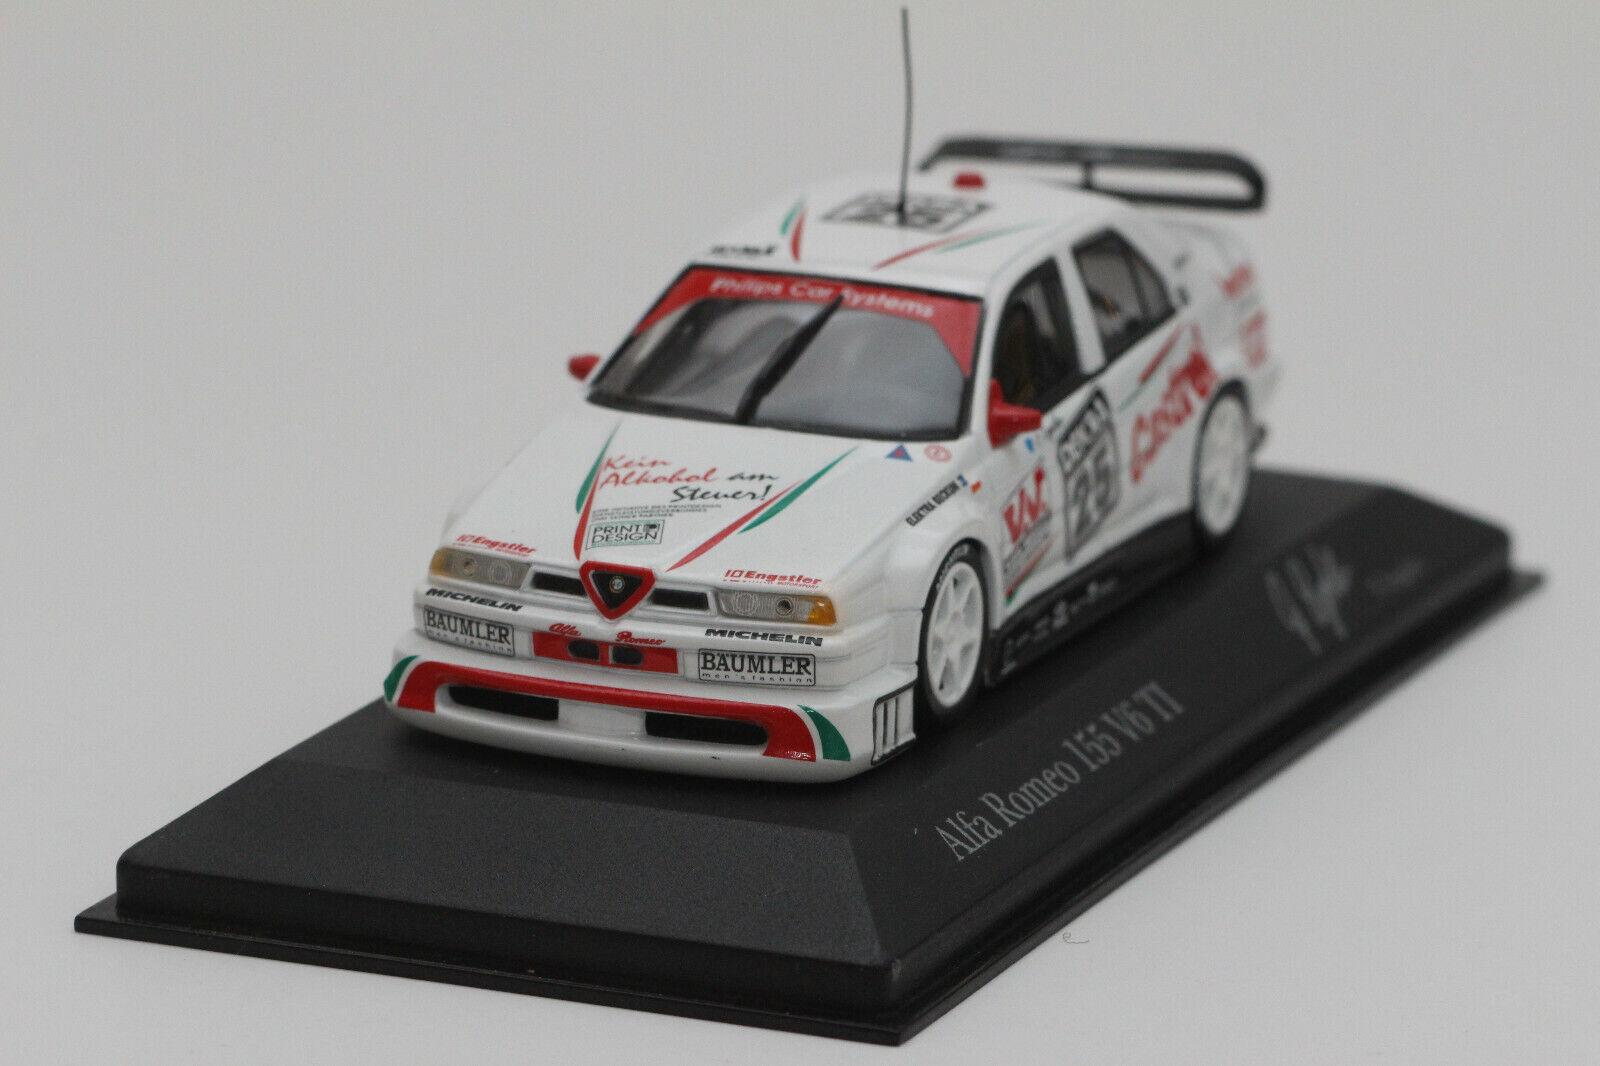 1 43 Alfa Romeo 155 V6 TI DTM 1994 –Franz EngstlerMinichamps modelllllerlerlbil